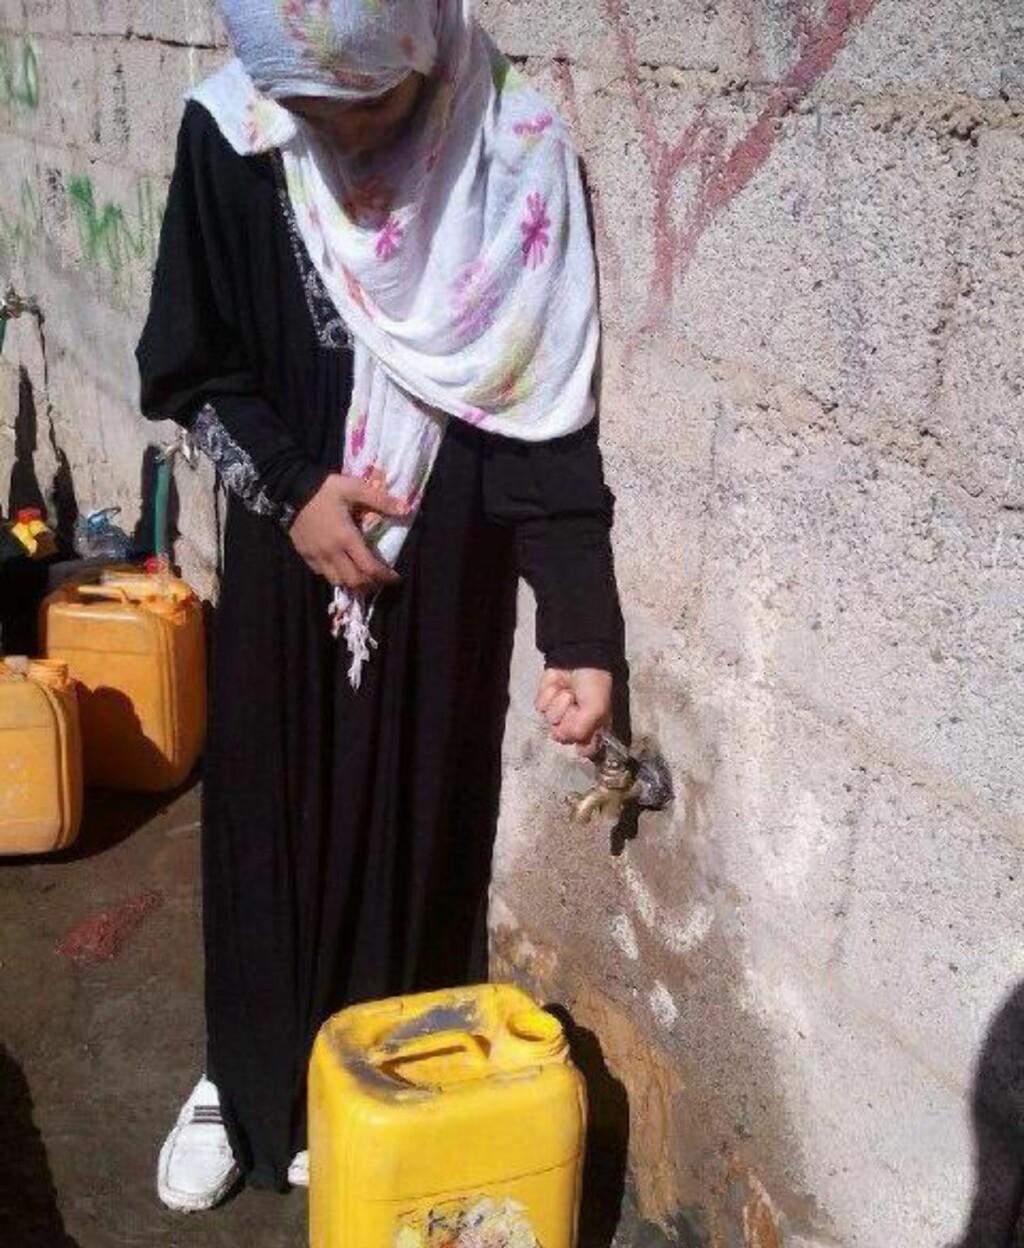 MÅ HENTE VANN:  Overgang fra Lillesand til hovedstaden Sanaa i Jemen er enorm for Shaimaa (11), mora og søsknene. Leiligheten de leier har ikke innlagt vann, og barna må ut på gata for å tappe. Foto: Privat